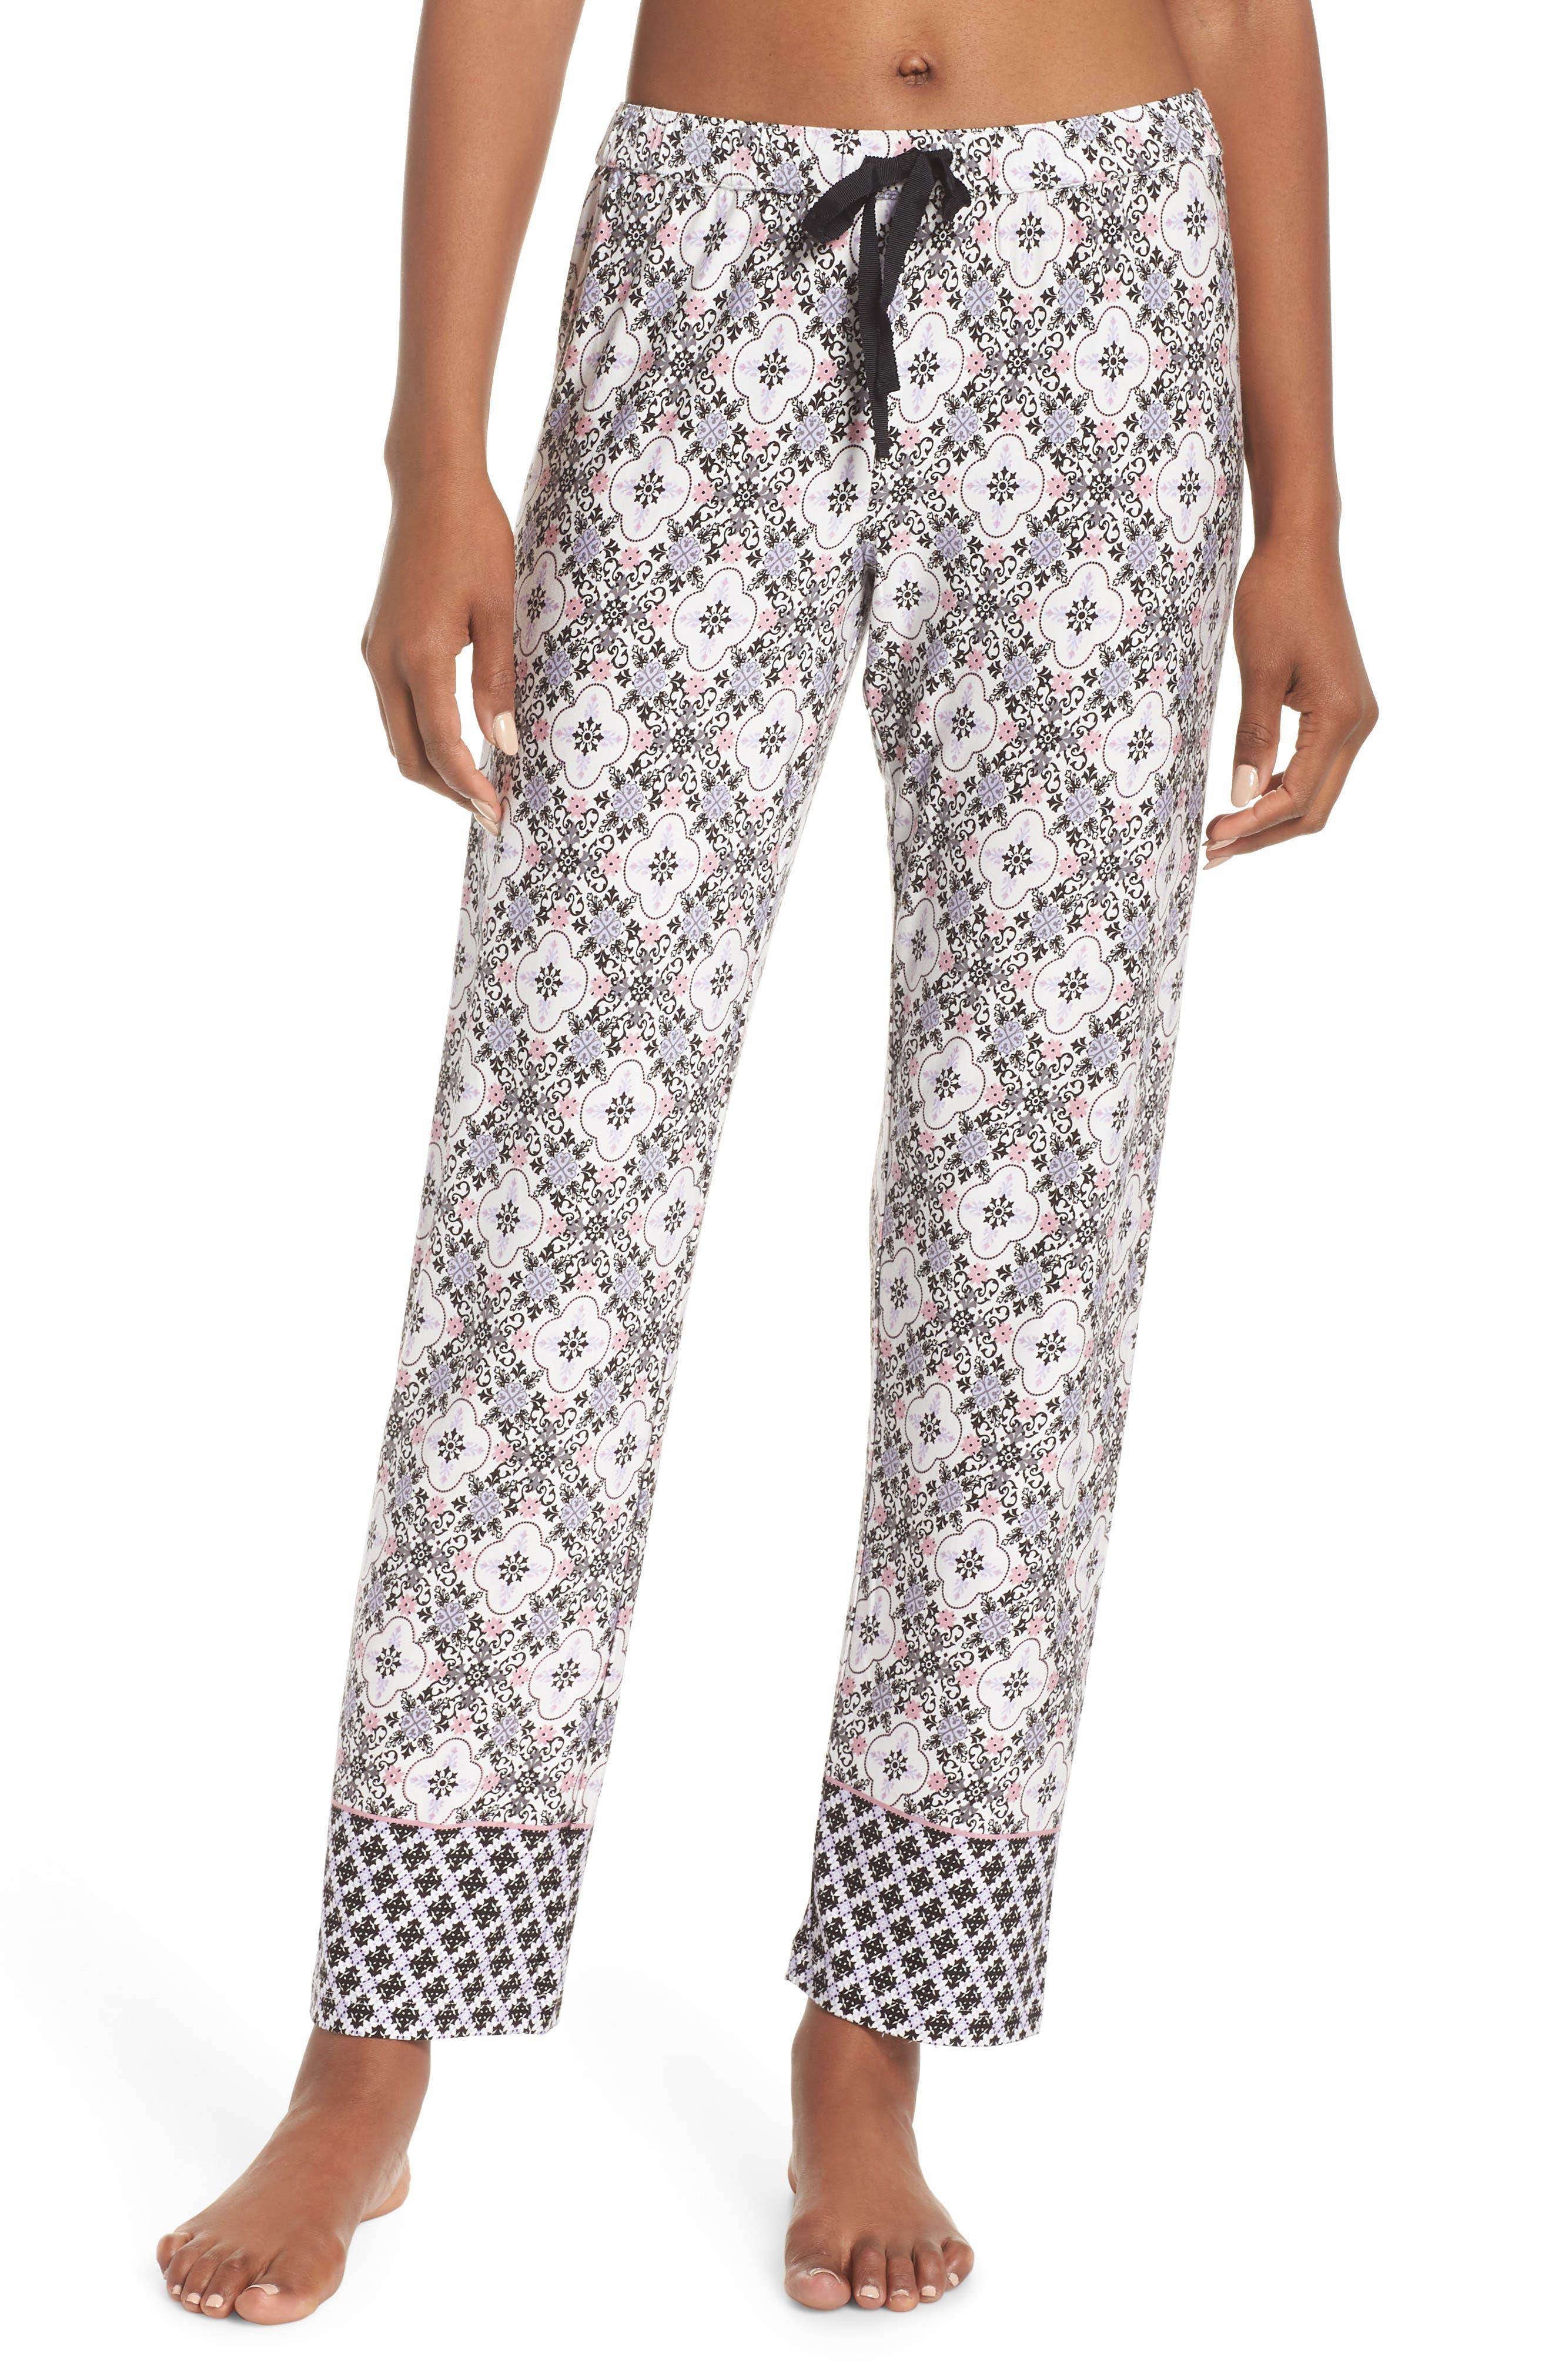 Pj Salvage Ankle Pajama Pants, Ivory